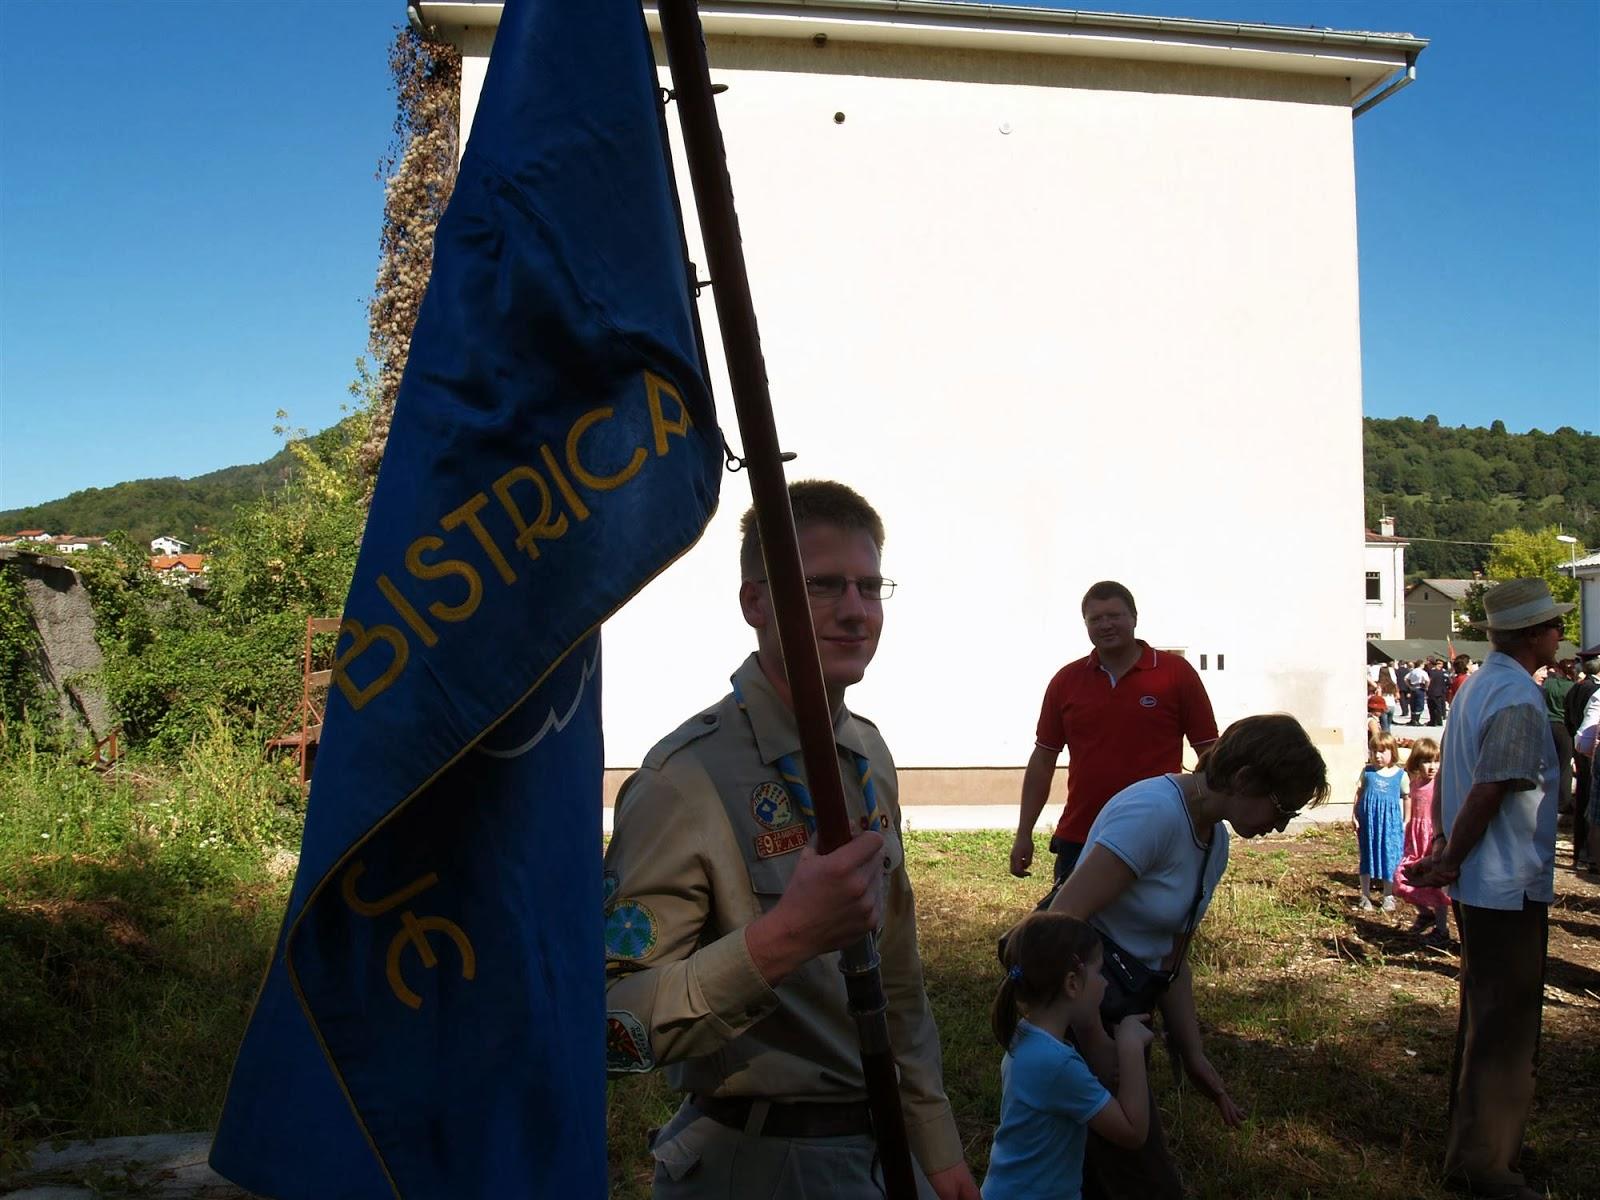 Gasilska parada, Ilirska Bistrica 2006 - P0103614.JPG